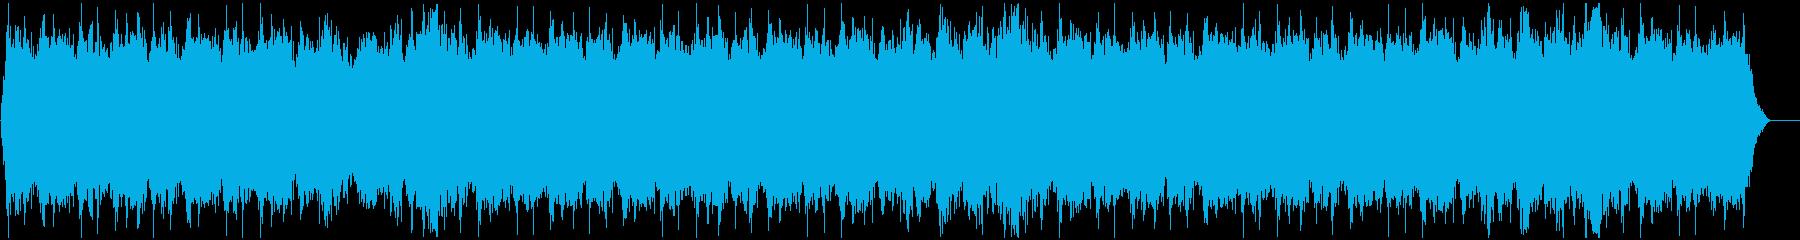 ゲーム■ダンジョン☆迷宮★魔法施設用の再生済みの波形